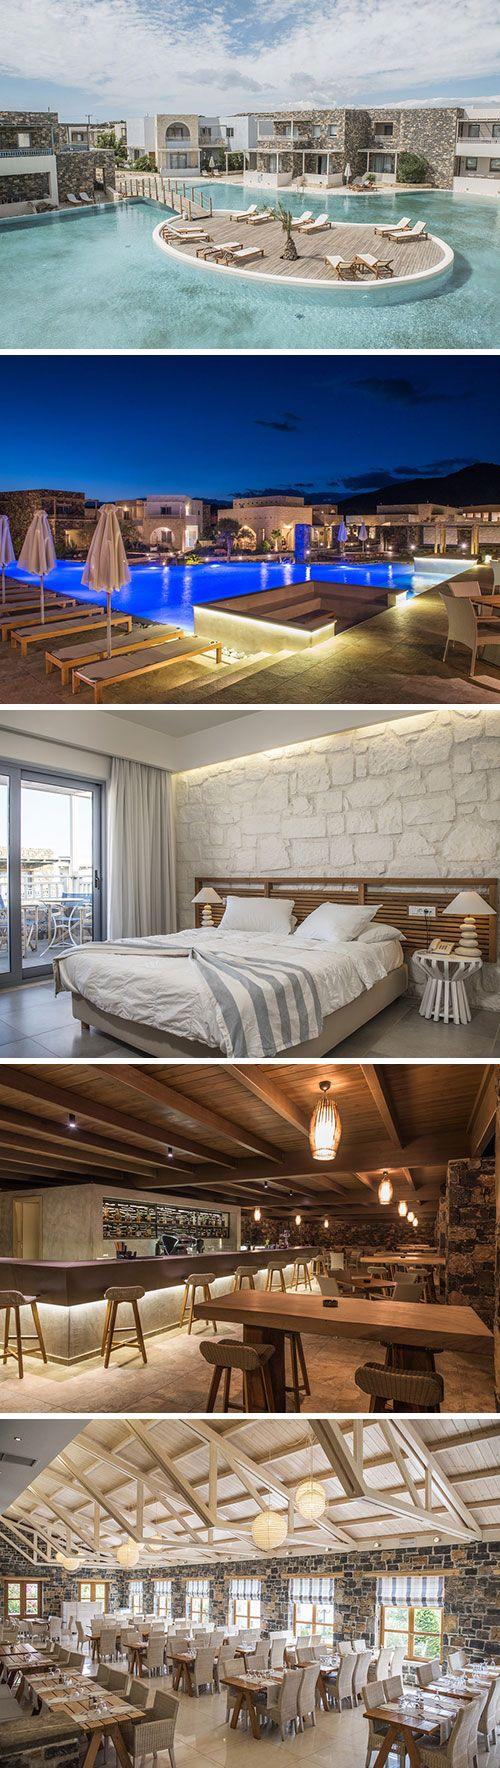 Het vijfsterren familiehotel SunConnect Ostria Resort & Spa ligt op het Griekse eiland Kreta, direct aan het strand. De uitgebreide all inclusive formule, een ruim aanbod aan (sport)faciliteiten en moderne familiekamers zorgen voor een ontspannen vakantie voor het hele gezin.